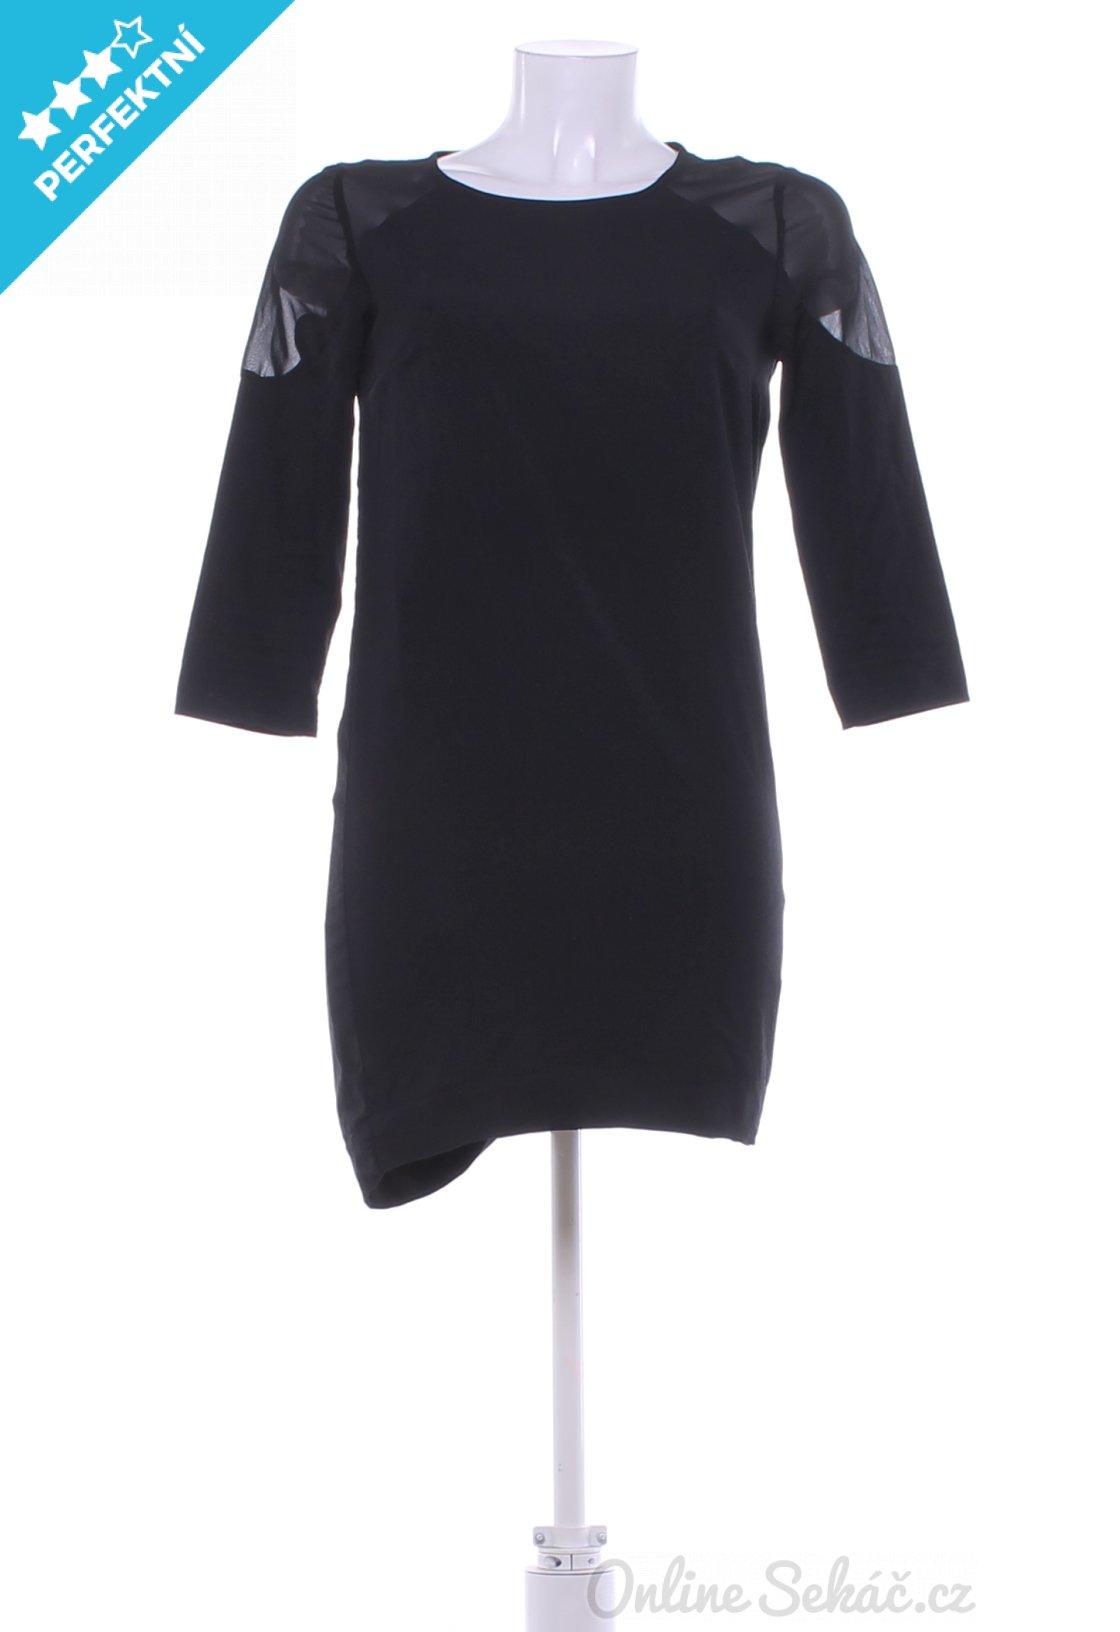 Second hand - Vzor  JEDNOBAREVNÝ   Dámské večerní šaty BERSHKA S ... 8d3591cf4c